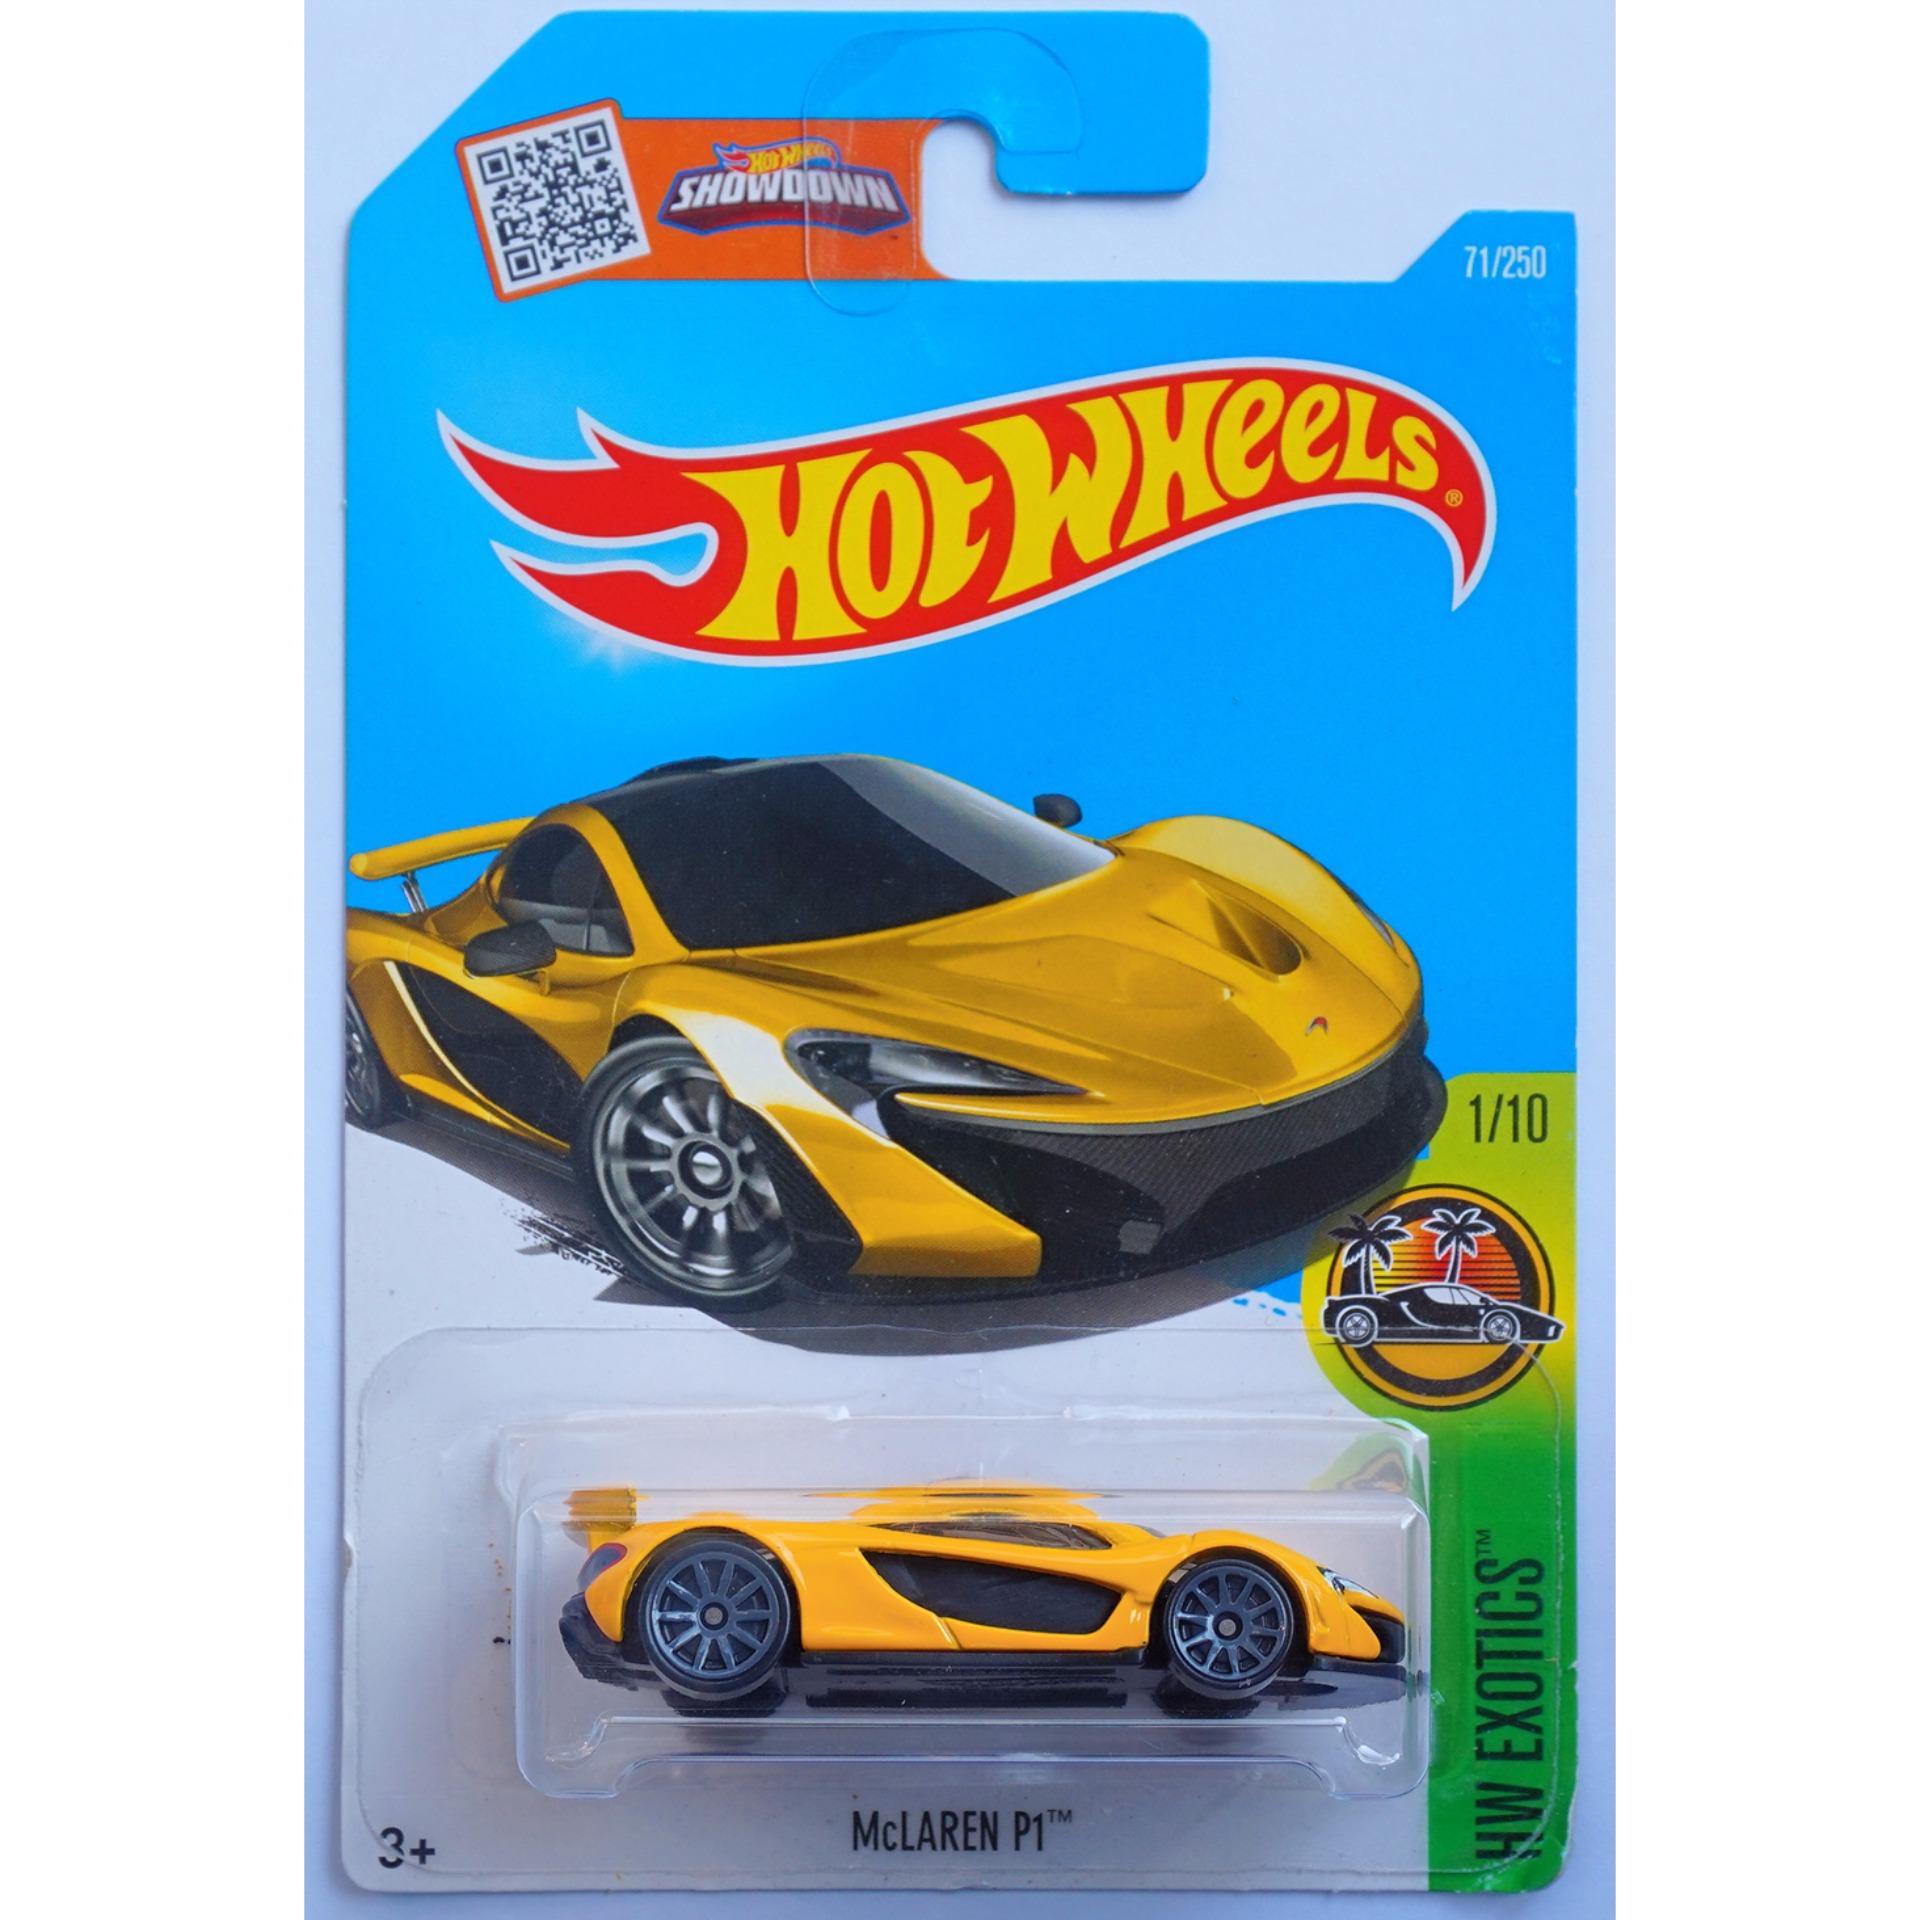 Xe ô tô mô hình tỉ lệ 1:64 Hot Wheels McLaren P1 Hw Exotics 71/250 ( Vàng )